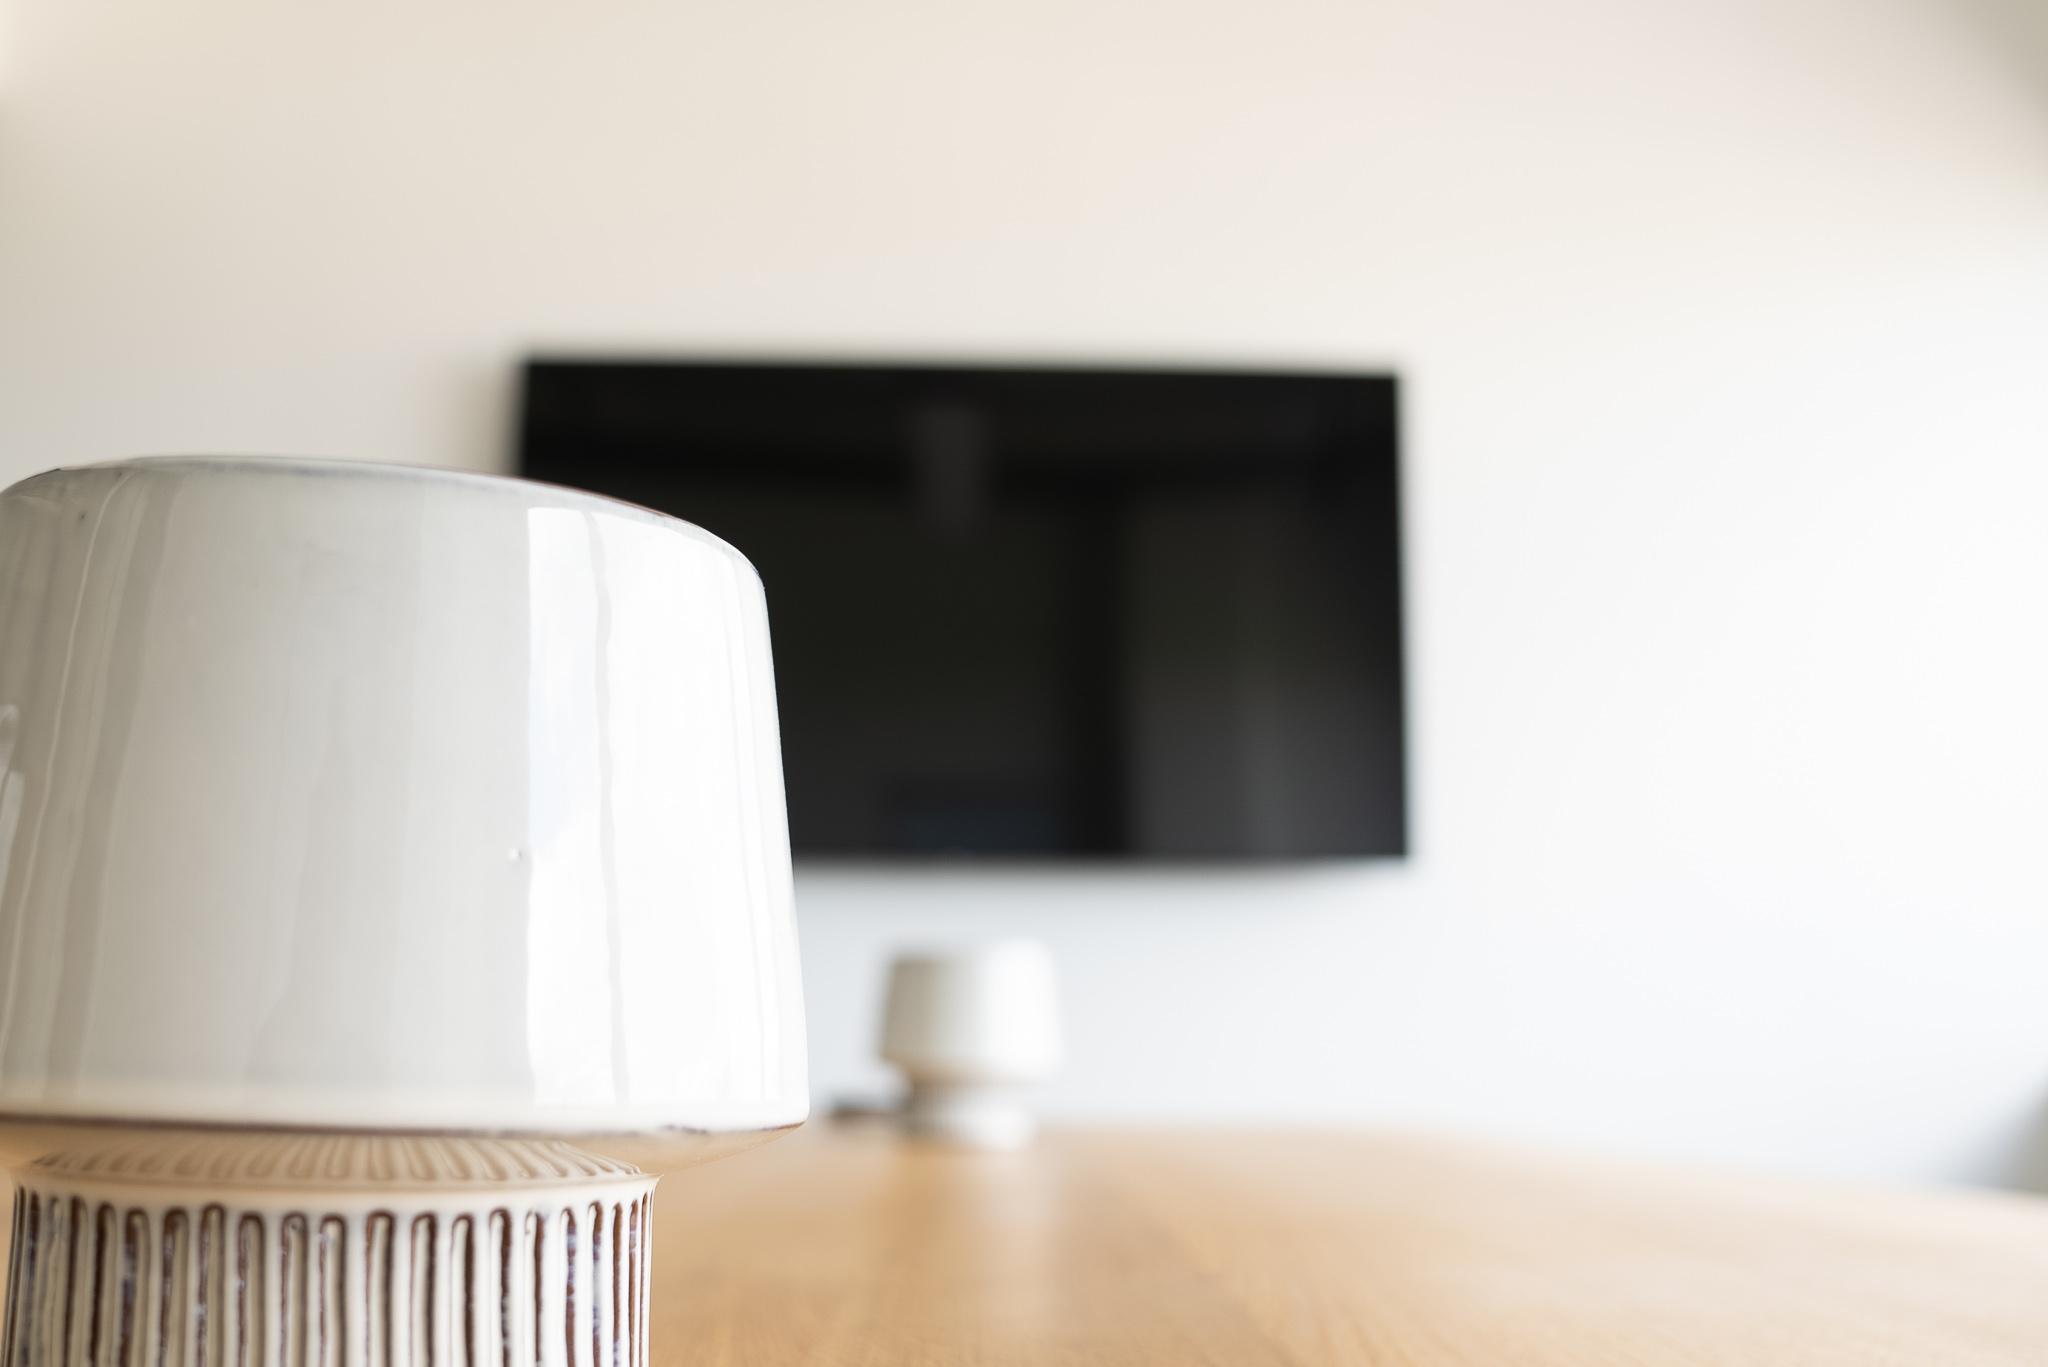 Stehlampe mit einem Bildschirm im Hintergrund